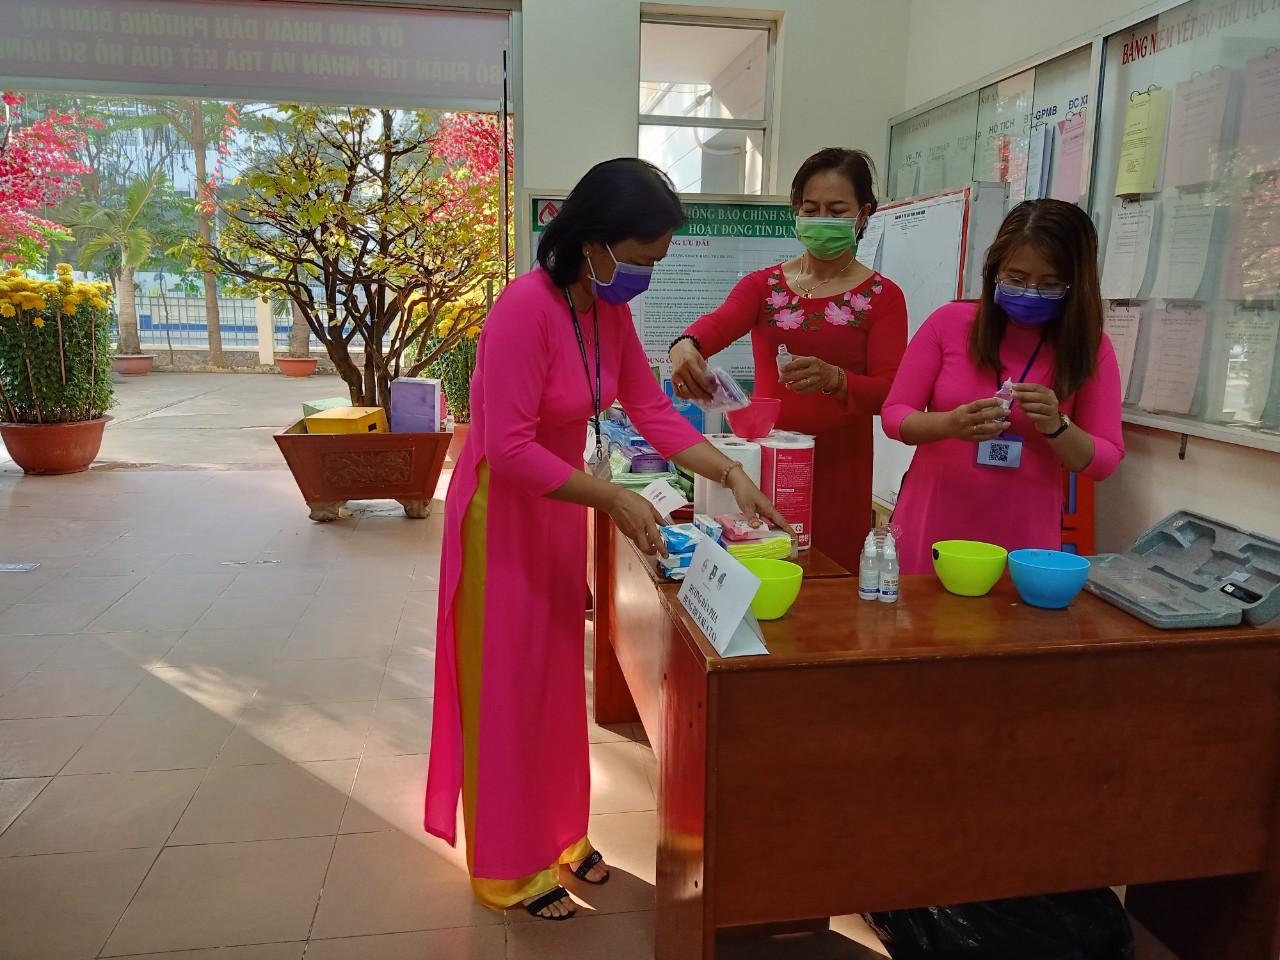 Khu vực phát khẩu trang và nước rửa tay ở trụ sở UBND phường Bình An, quận 2.